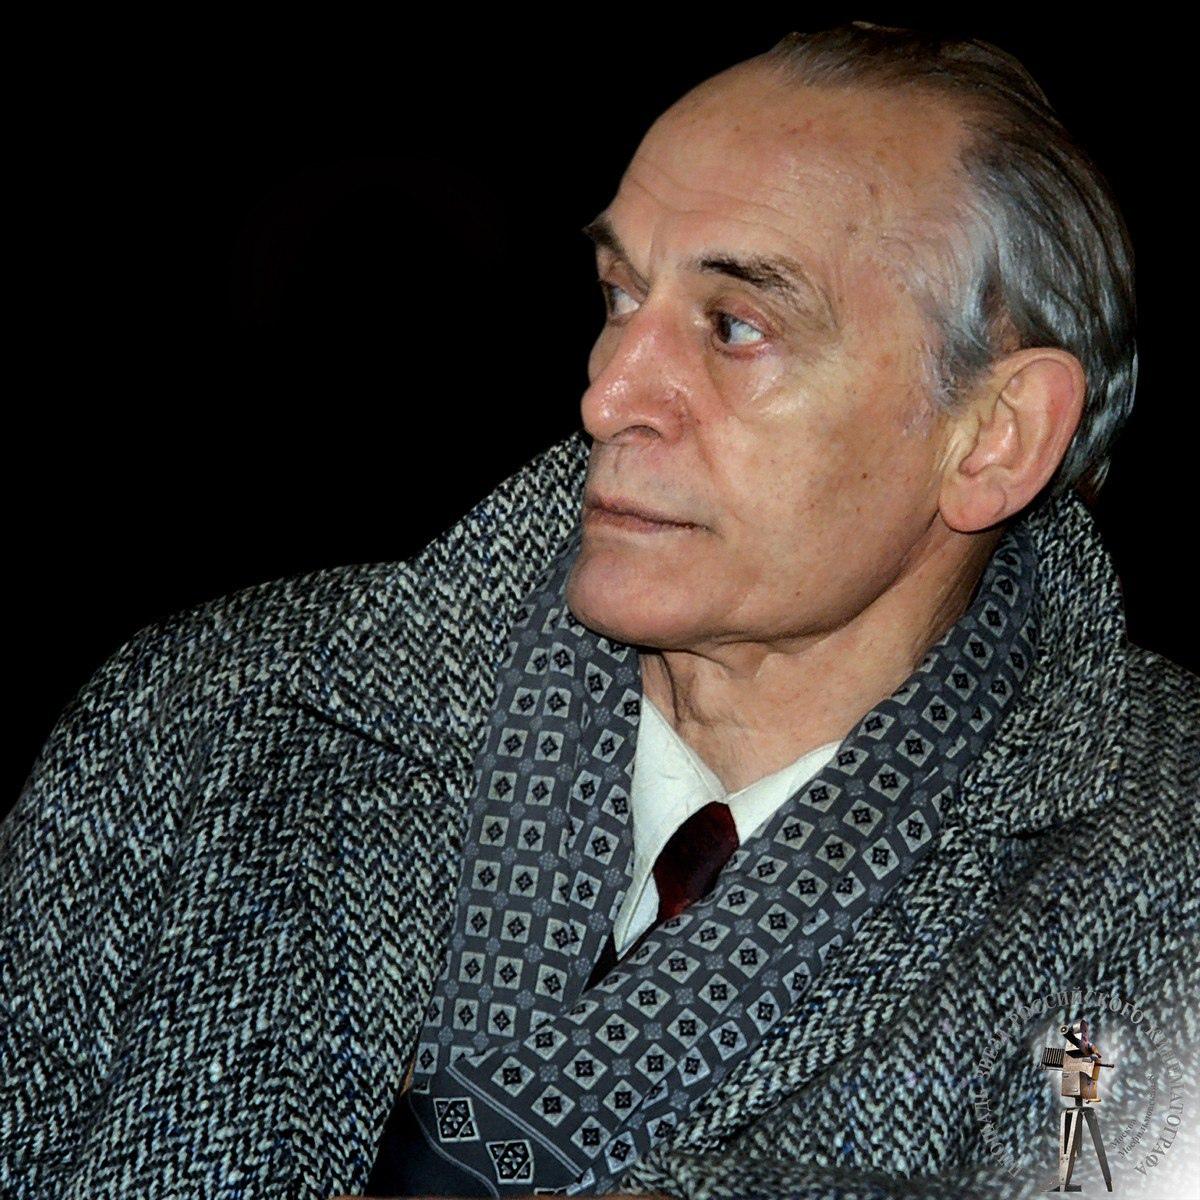 Сегодня свой день рождения отмечает Лановой Василий Семёнович.